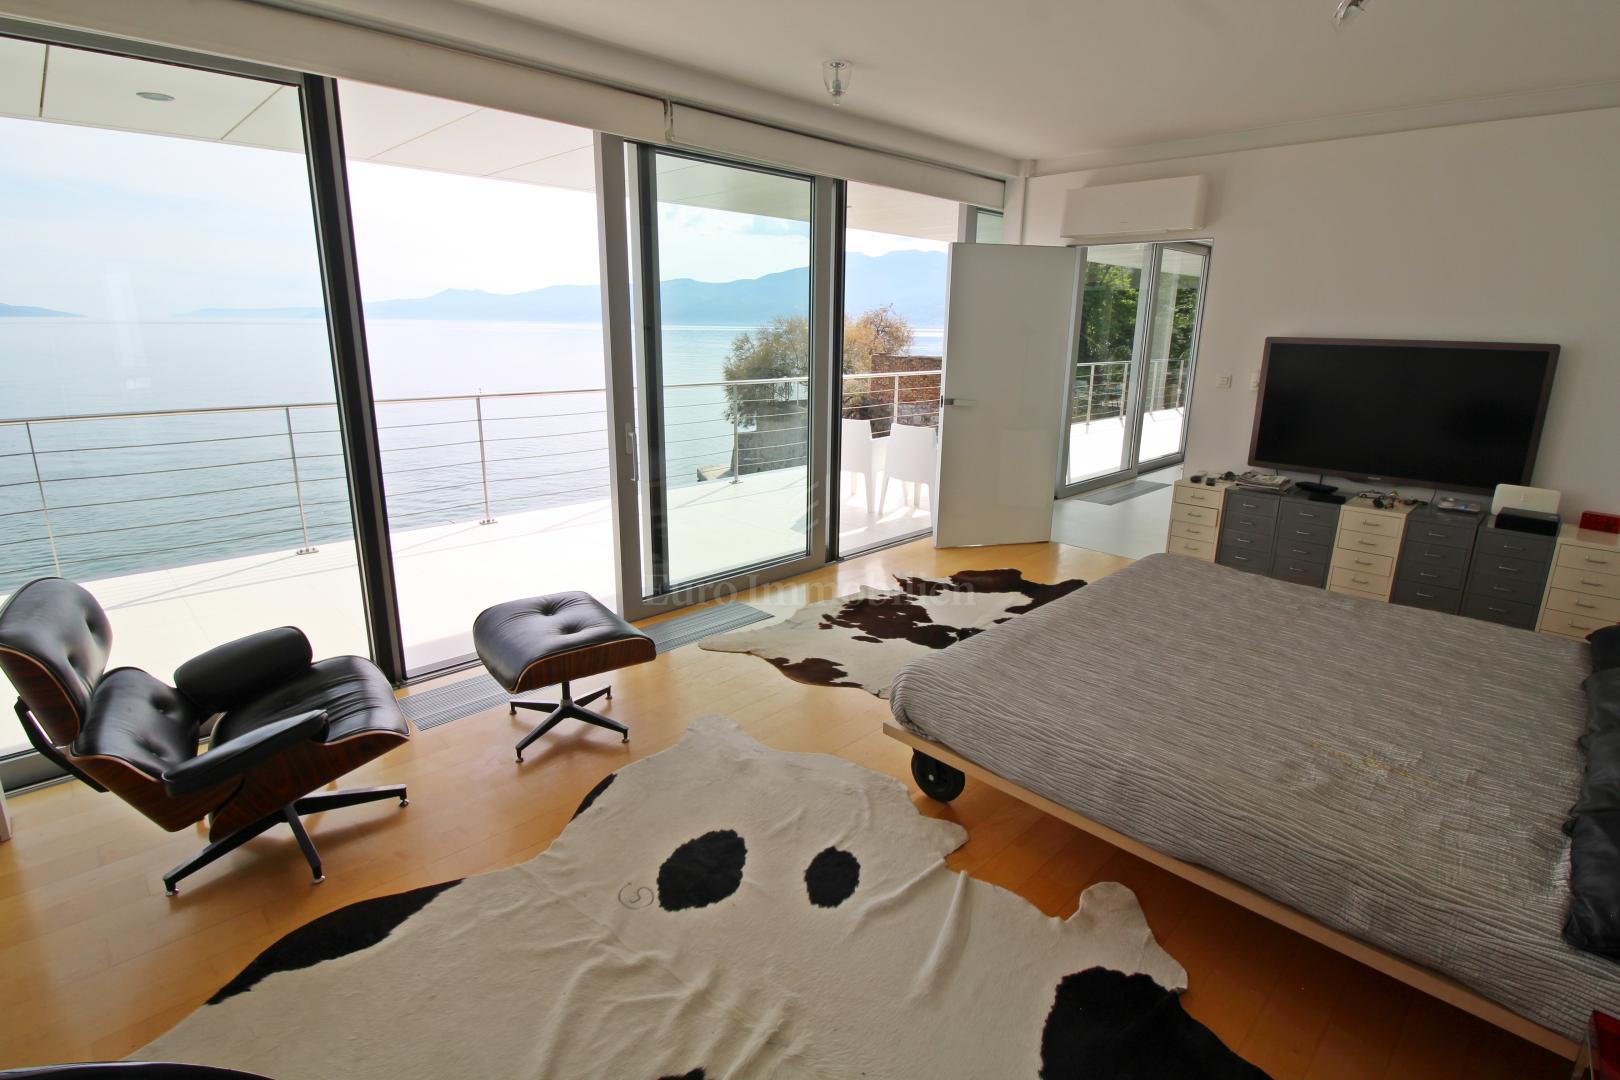 Impressionante villa sul mare! Sinergia di spazio, uomo e mare!